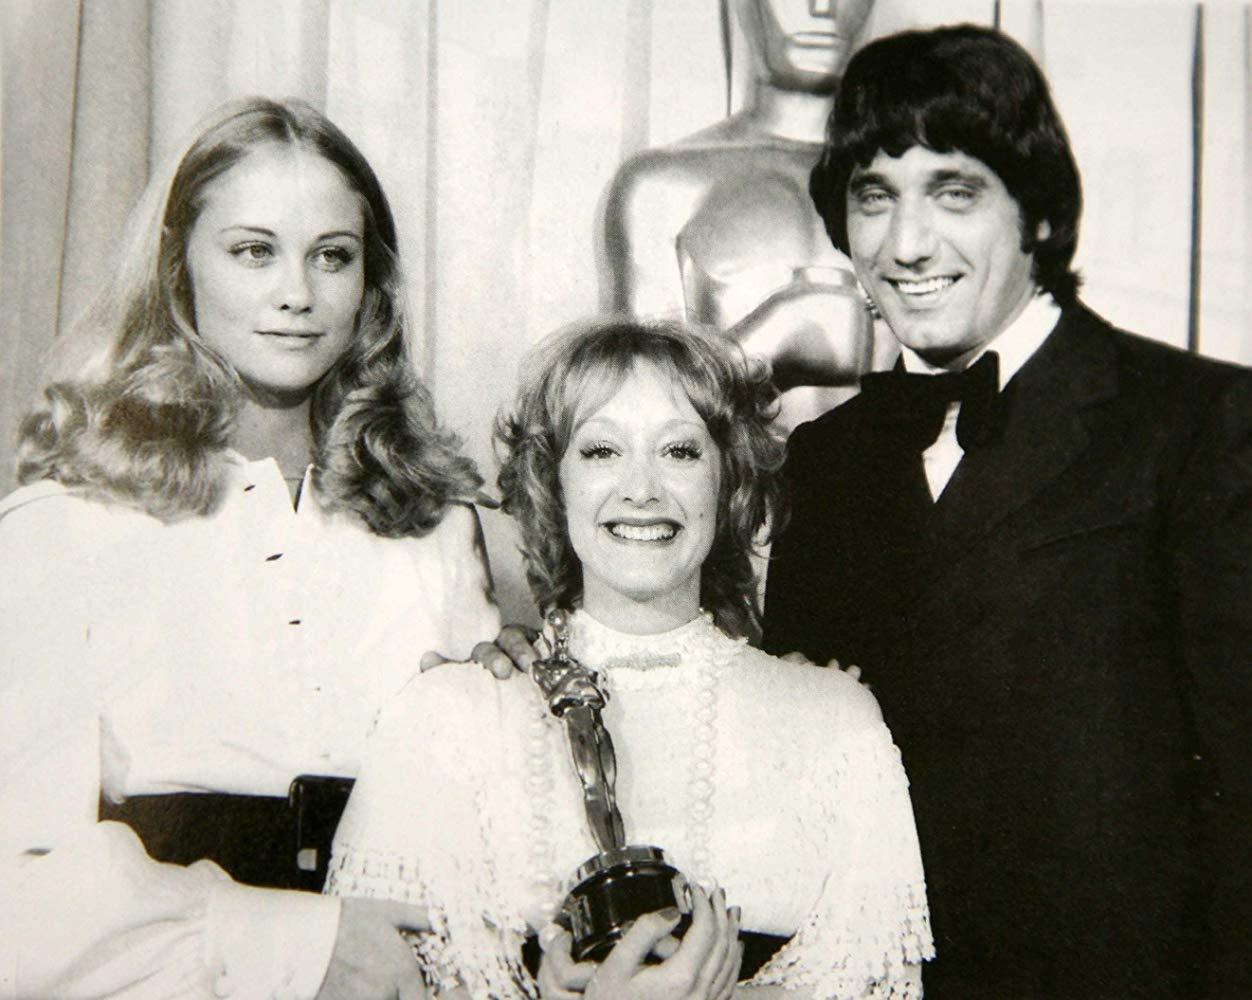 Blake en la 44 ceremonia de entrega de los Oscar. Foto: IMDB